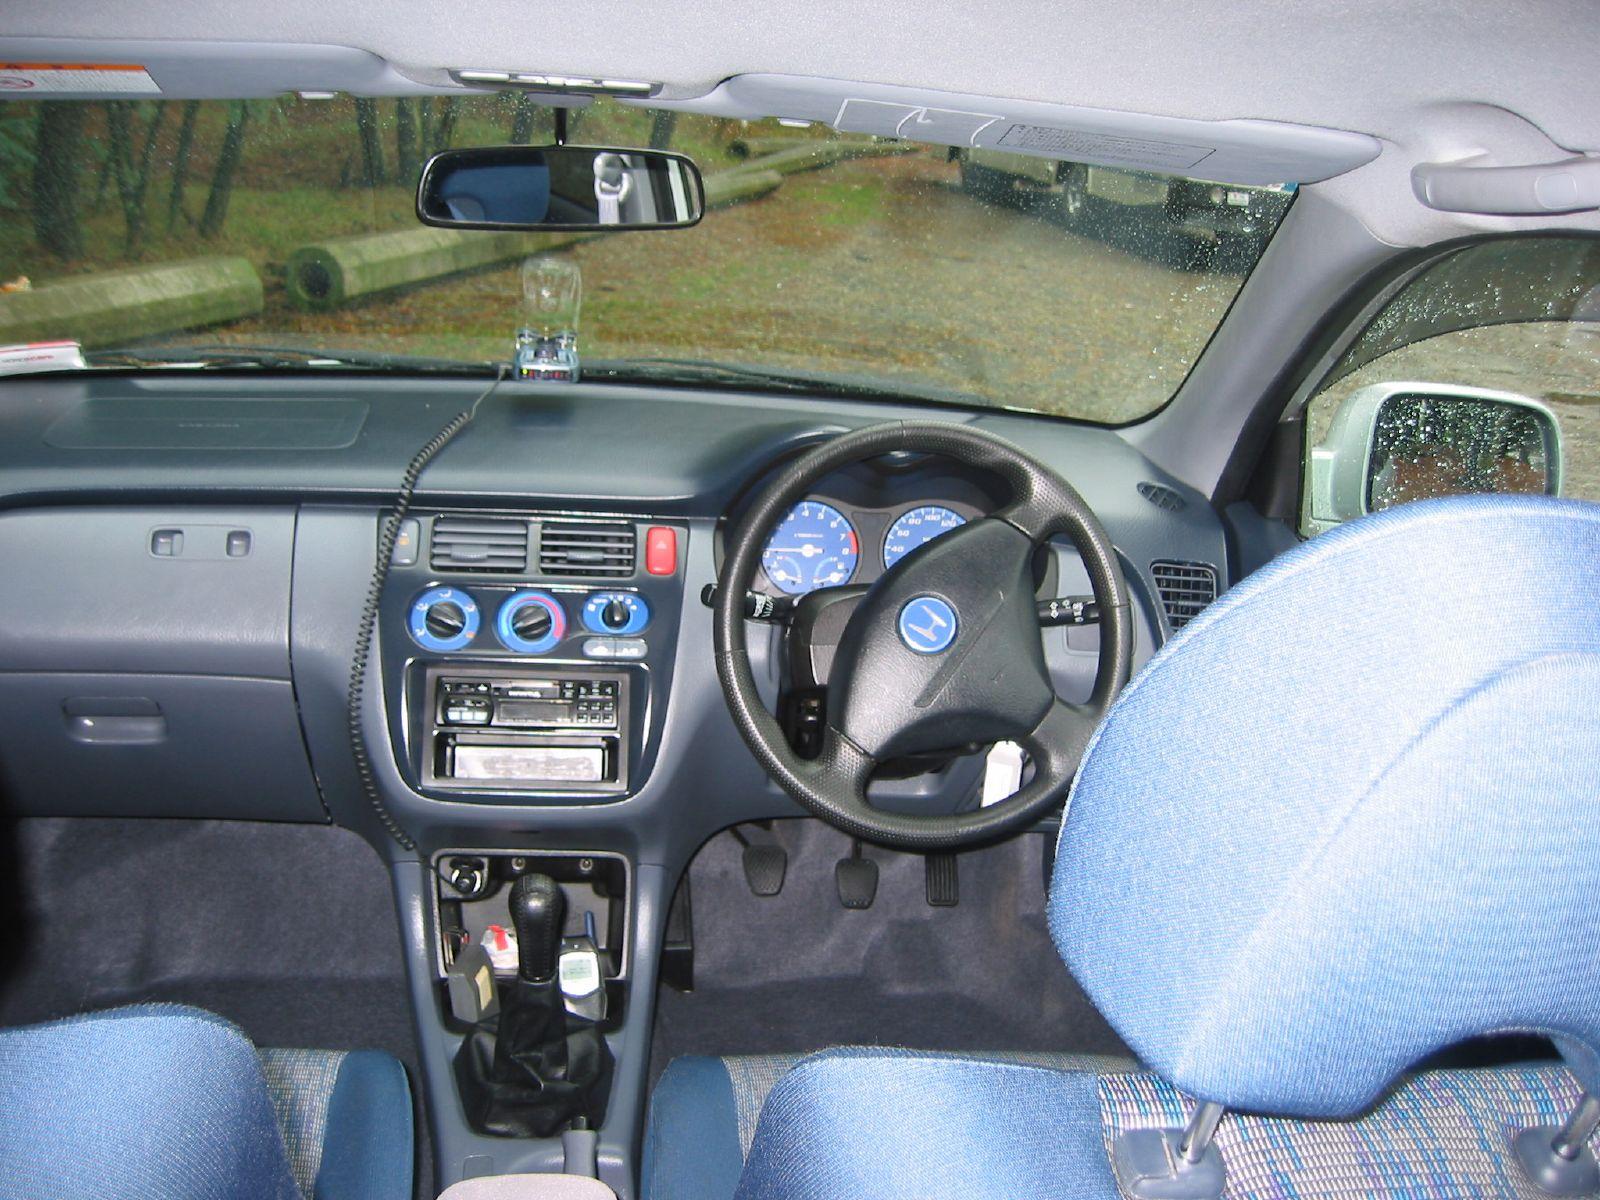 HONDA HR-V interior